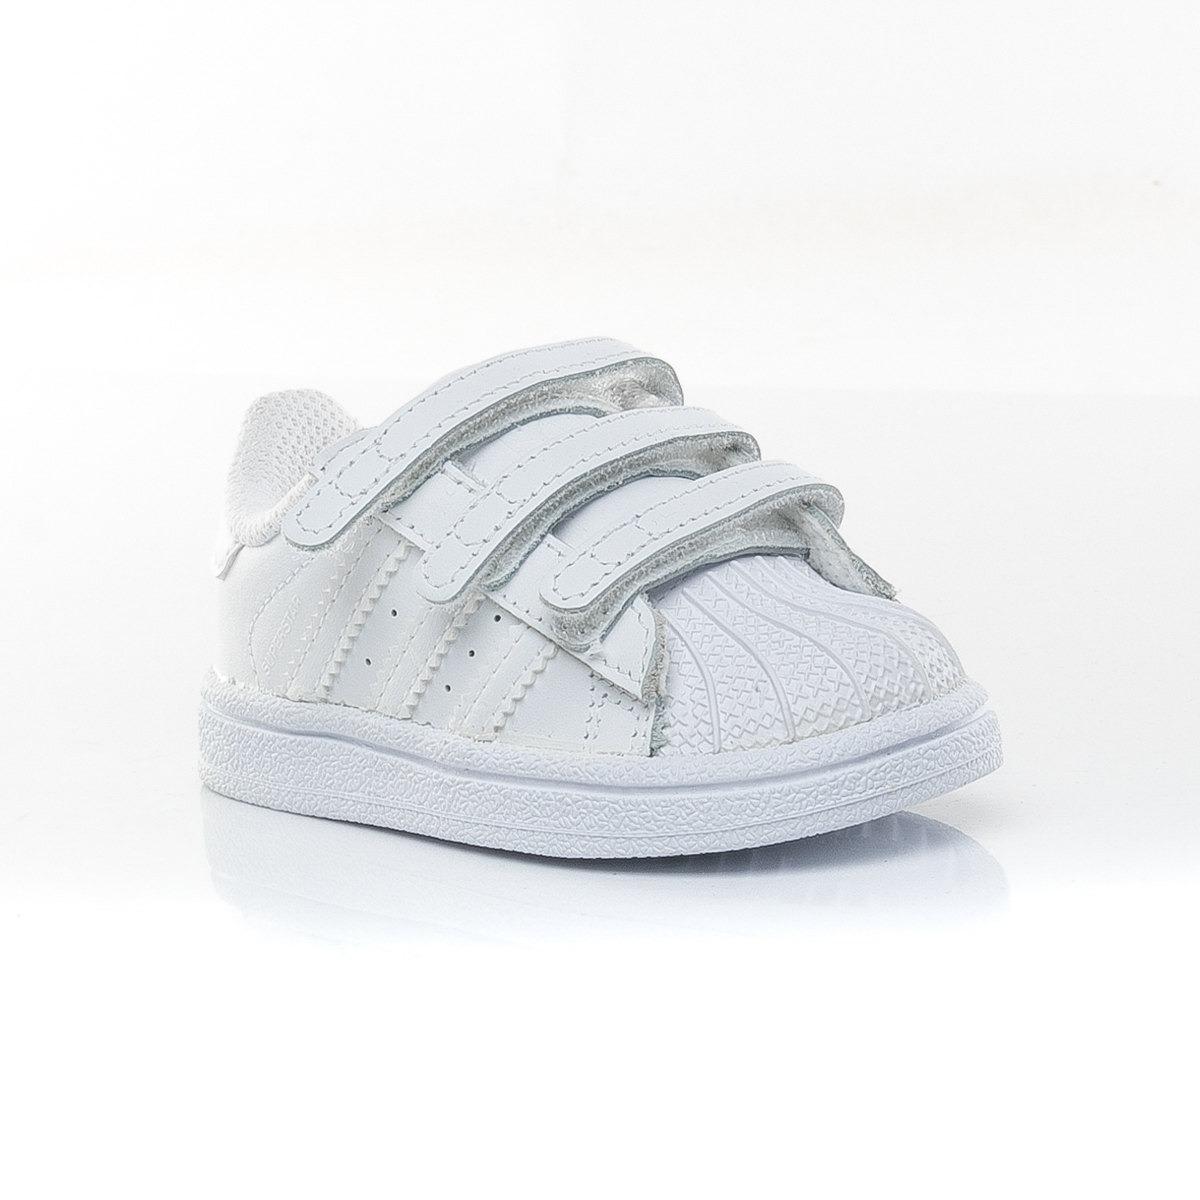 best website a9e78 ba565 zapatillas superstar cf i kids adidas blast tienda oficial. Cargando zoom.